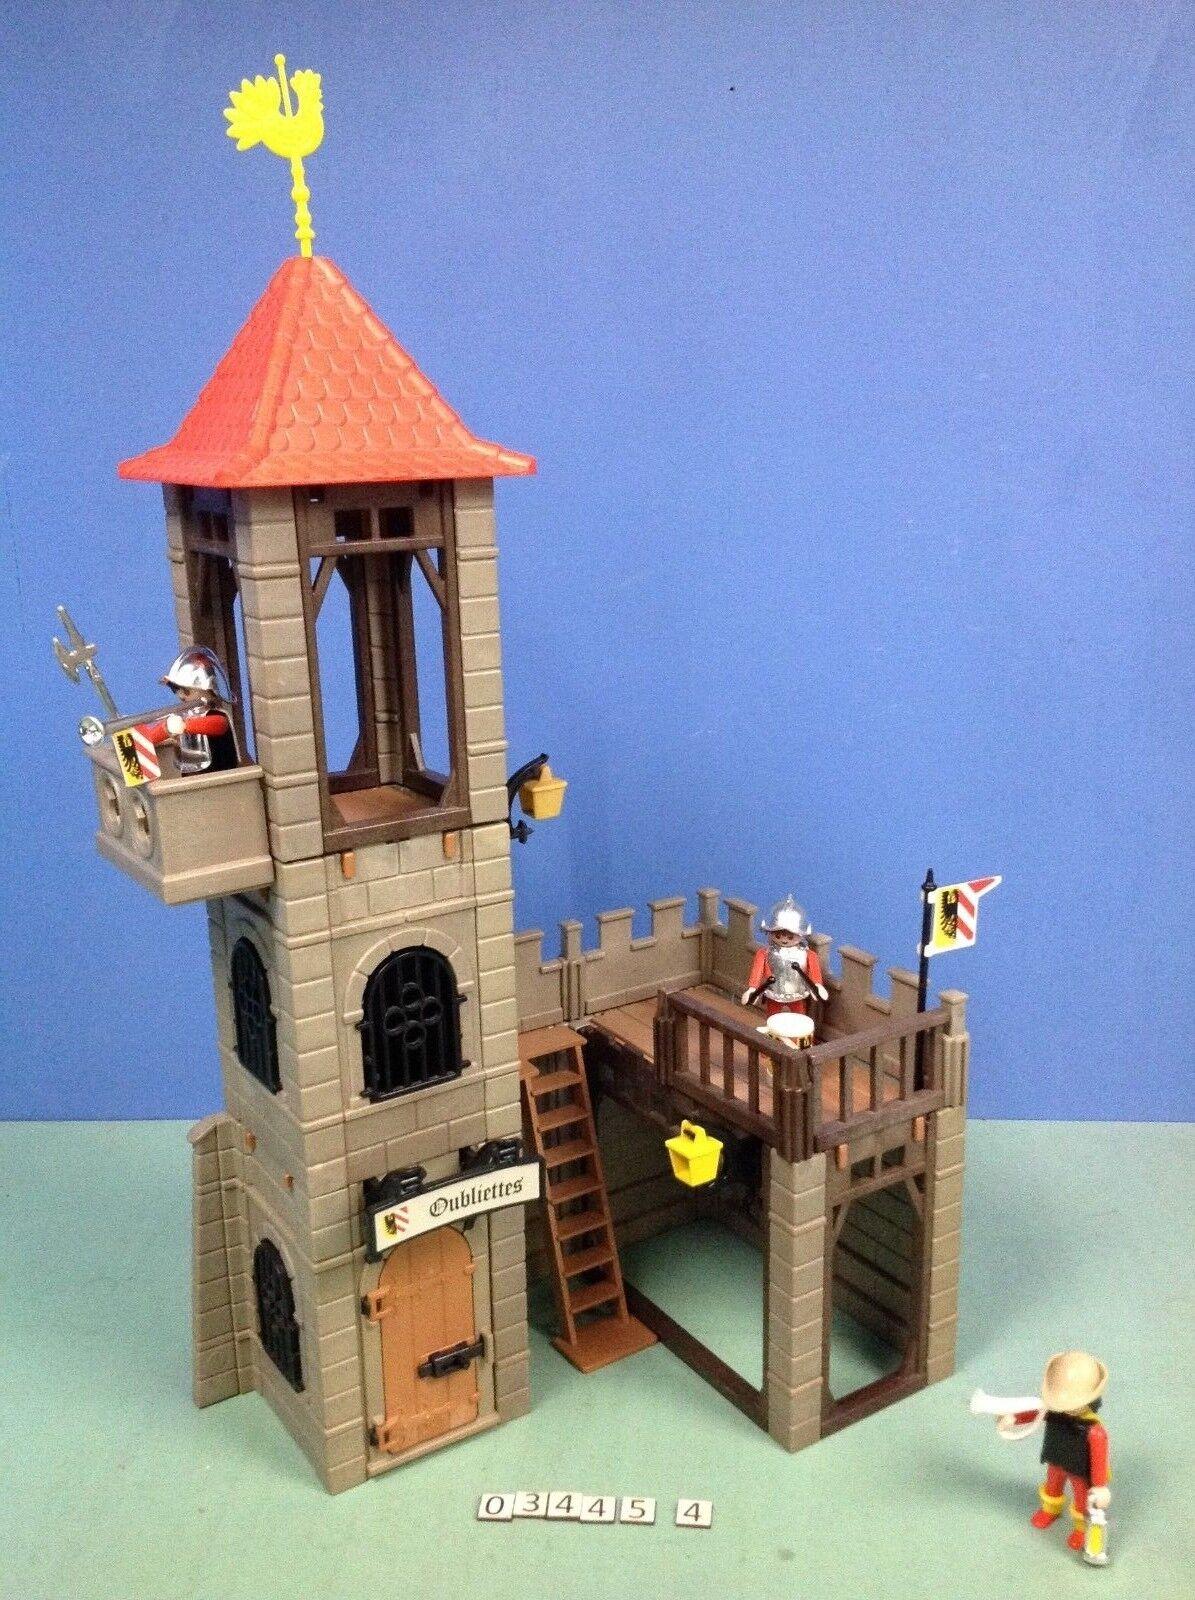 (O3445.4) playmobil tour de garde oubliettes prison ref 3445 année 80 - 85